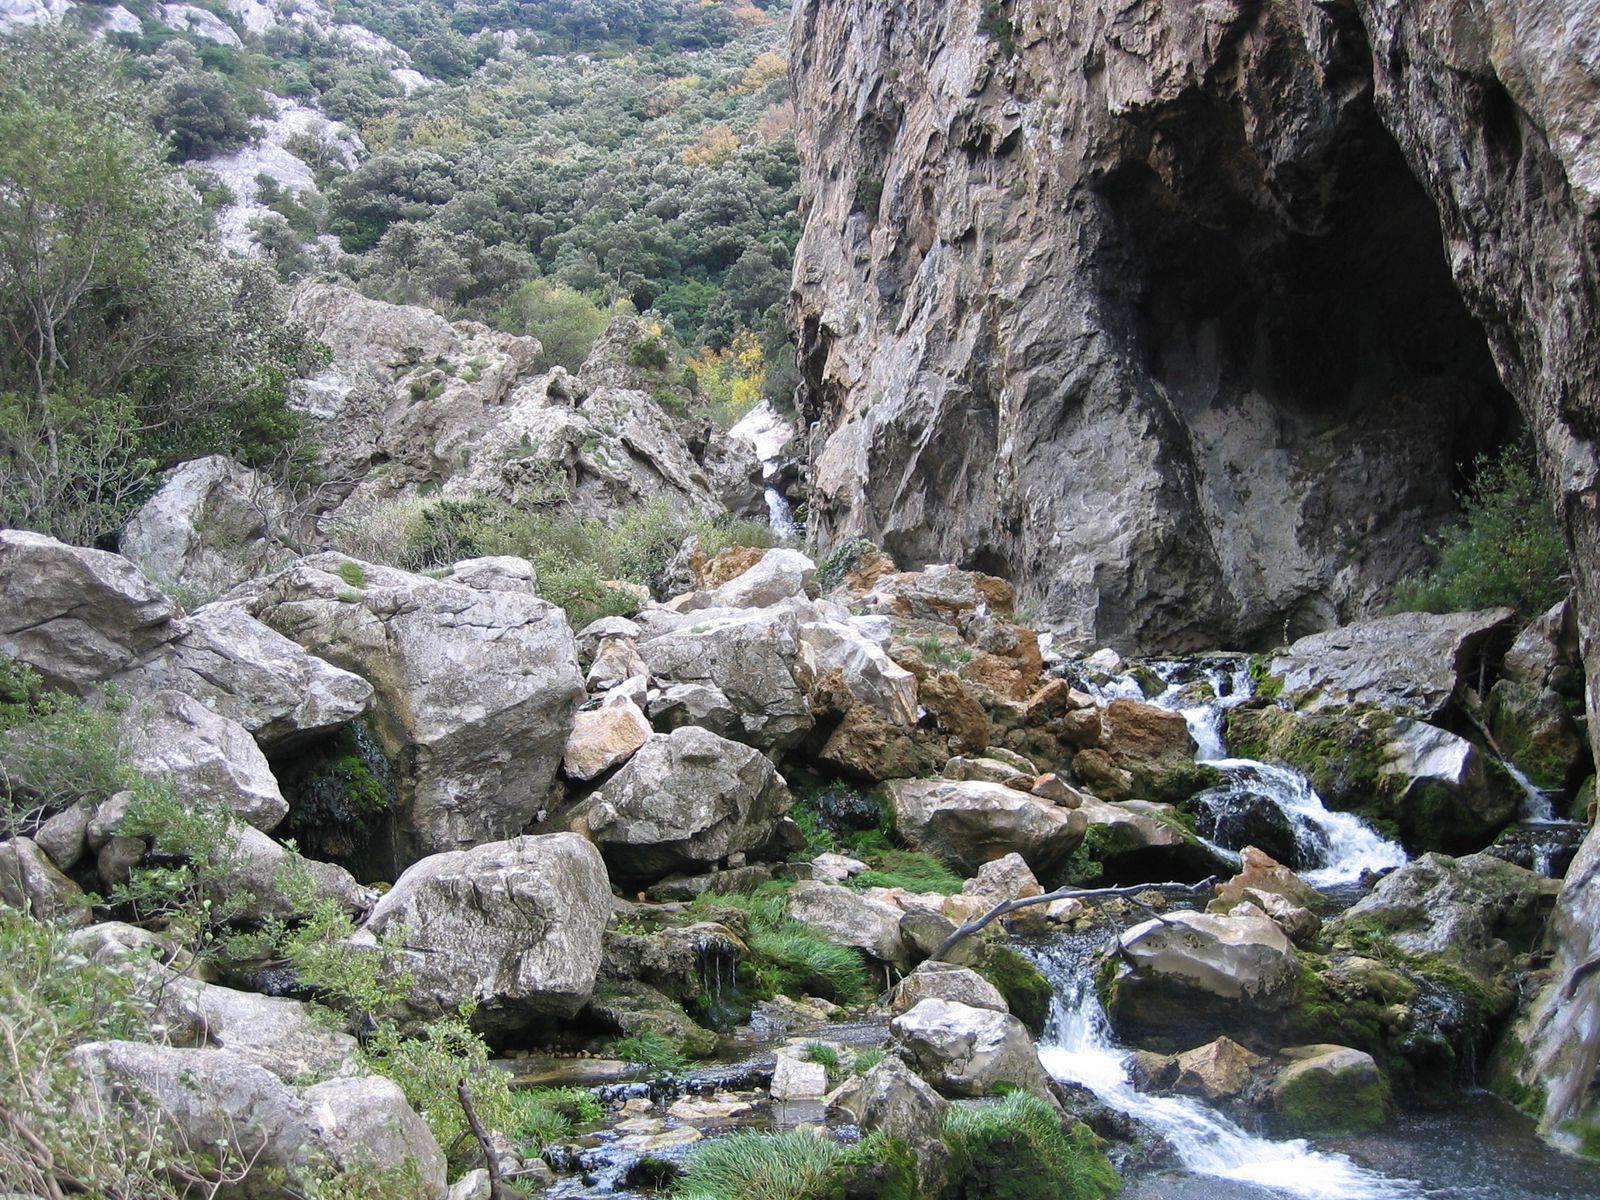 La rivière doit se faufiler à travers un vrac de rocs, sauter des falaises et passer dans une petite gorge étroite où parfois souffle un cers de tous les diables. Beauté fatale.